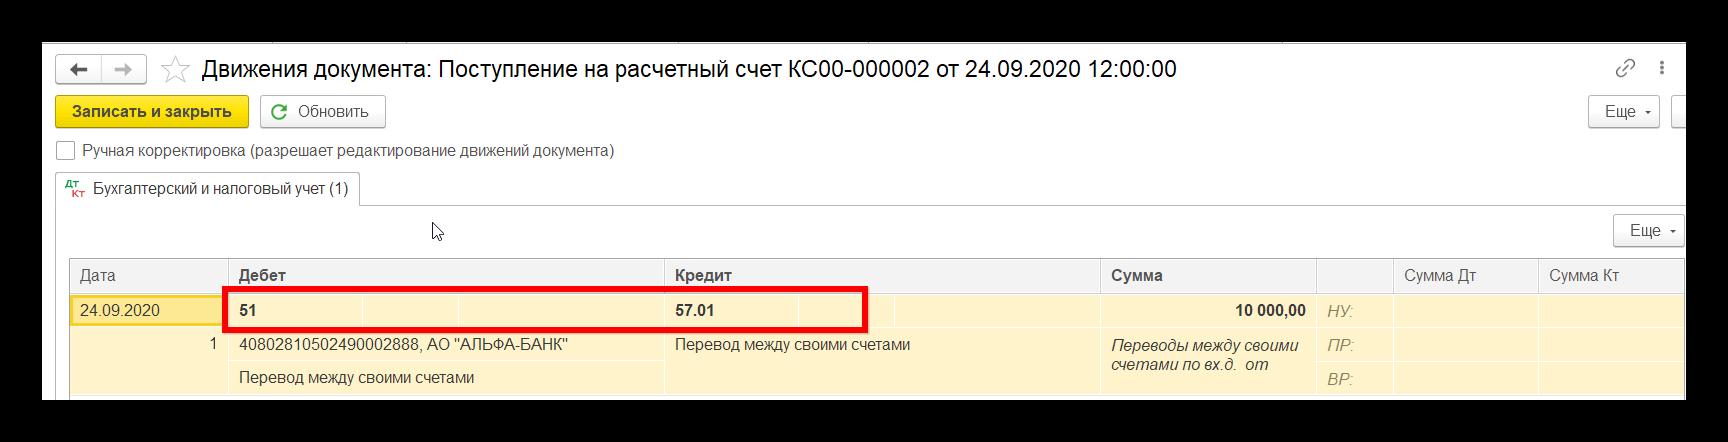 Проводки при проведении на расчетный счет в 1С:Бухгалтерия, редакция 3.0